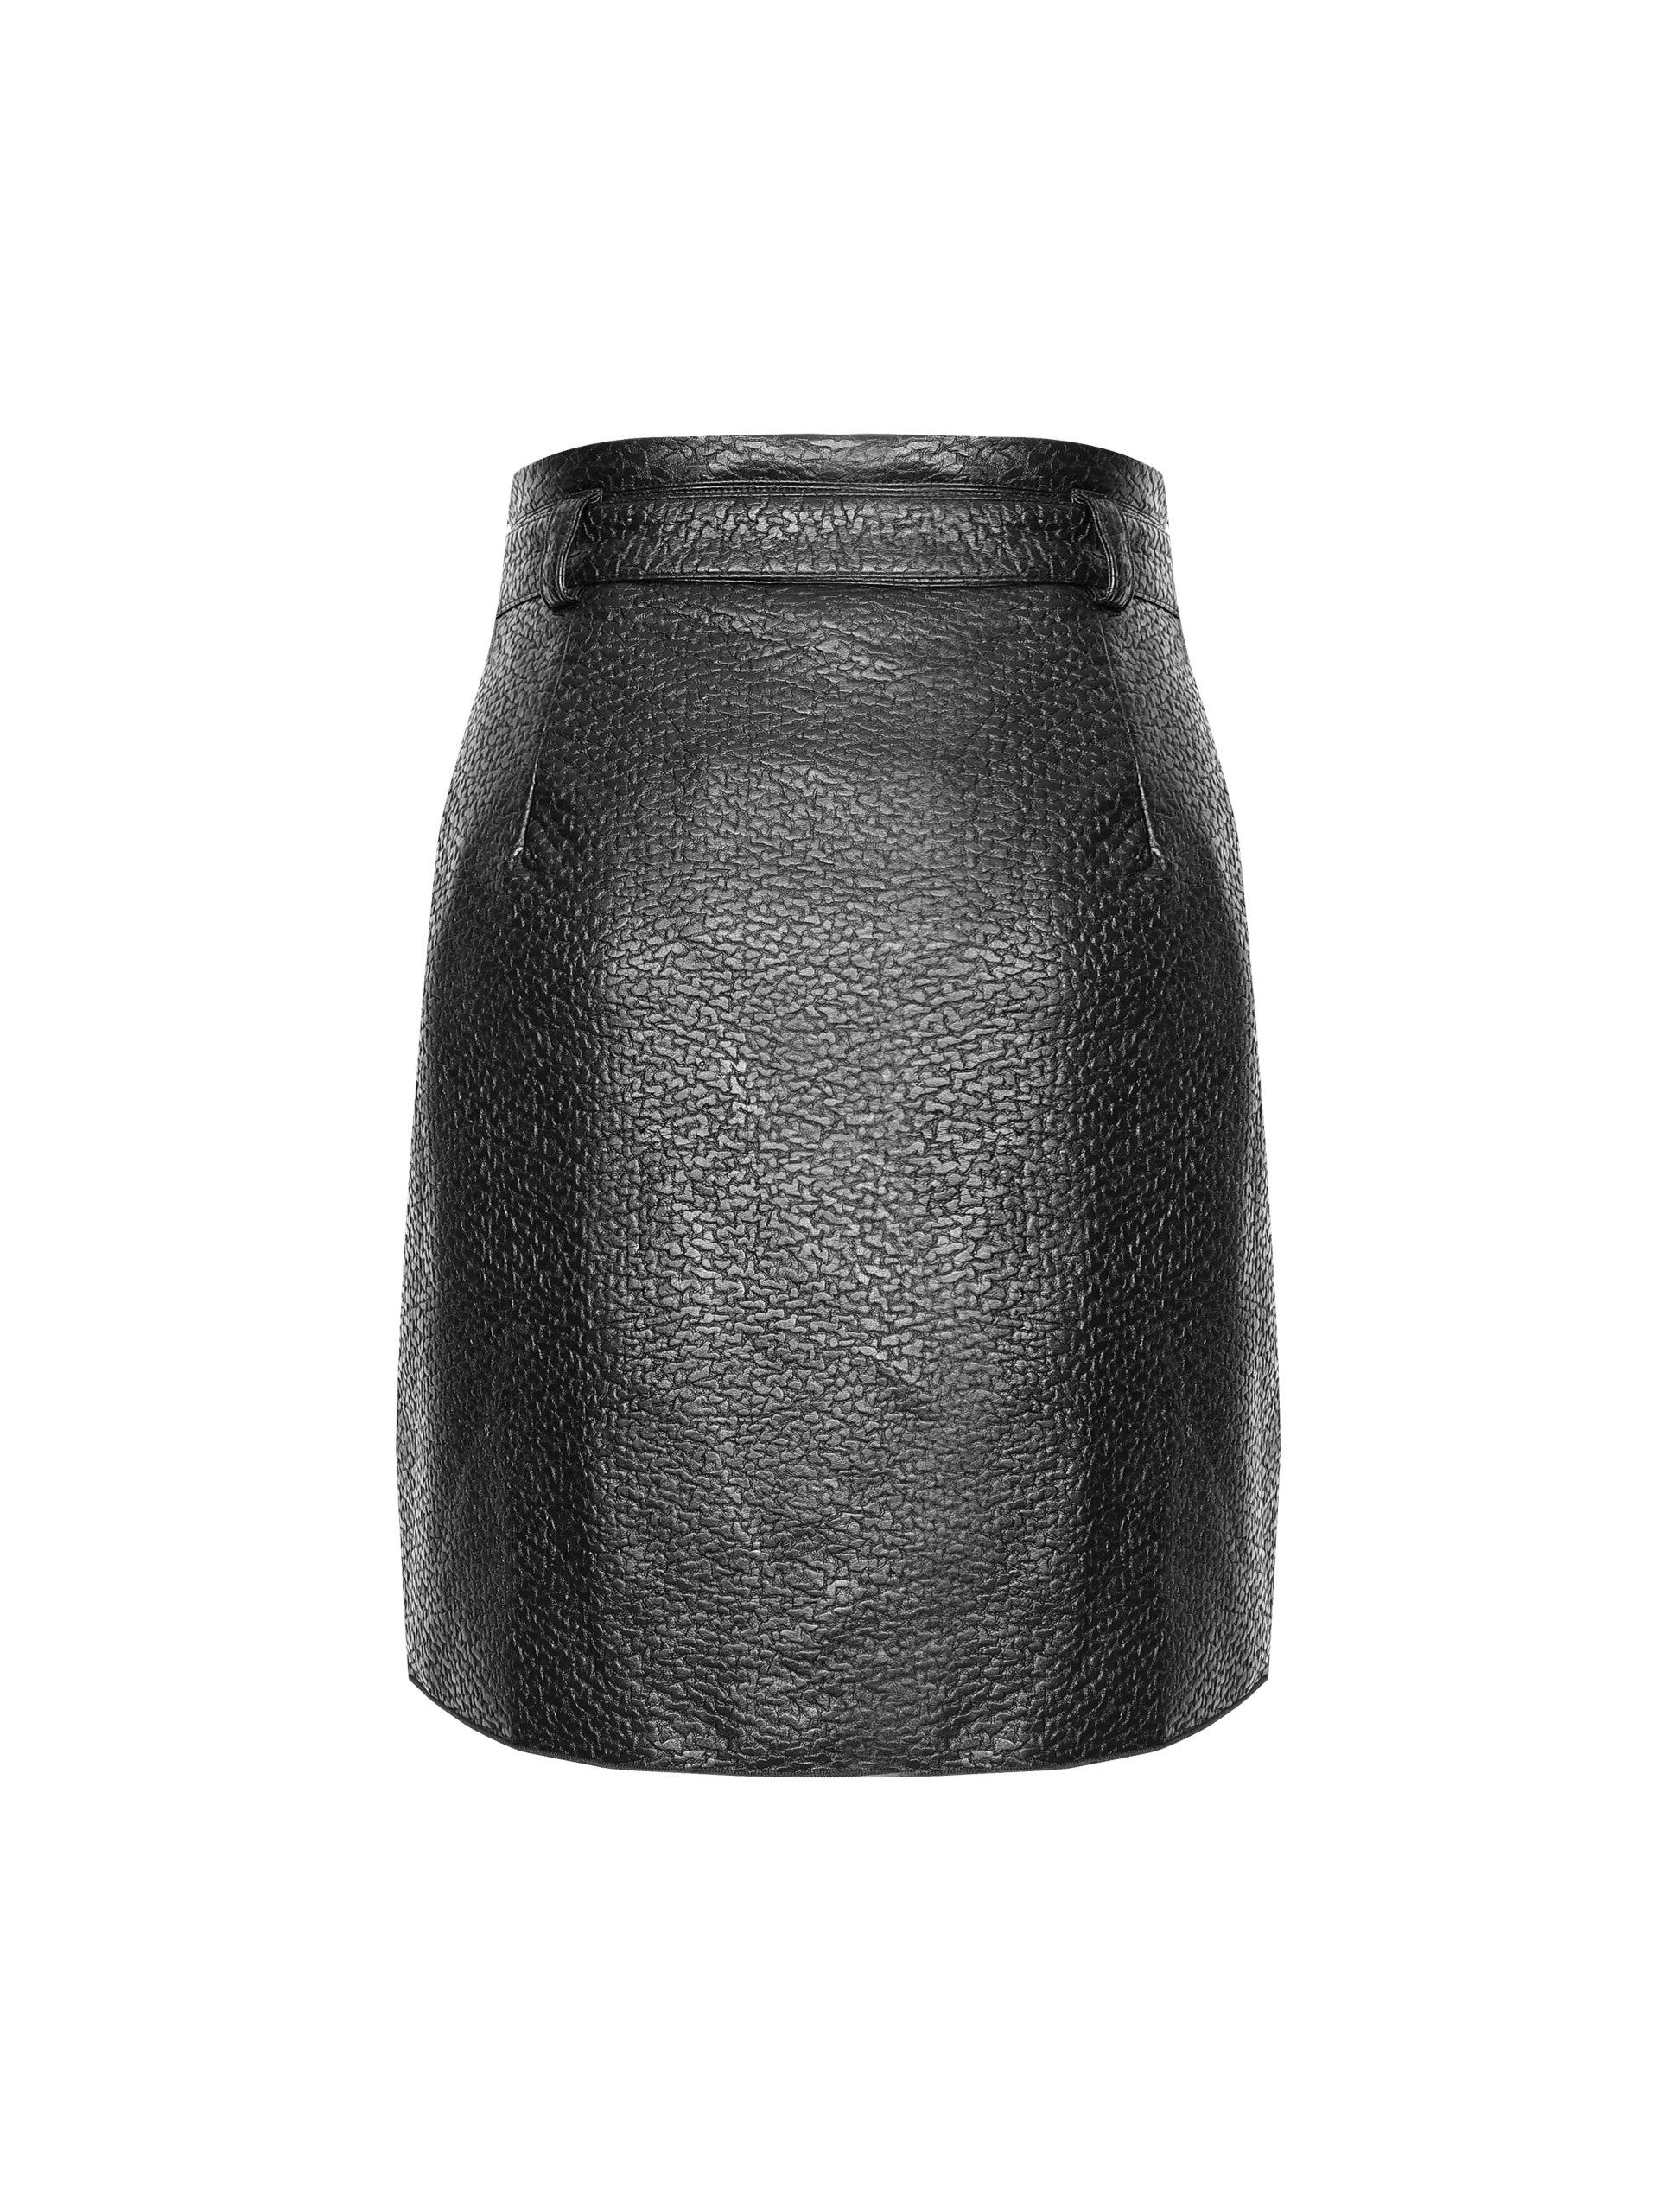 6610-20 – Fille Skirt – 000 Black – Extra 1